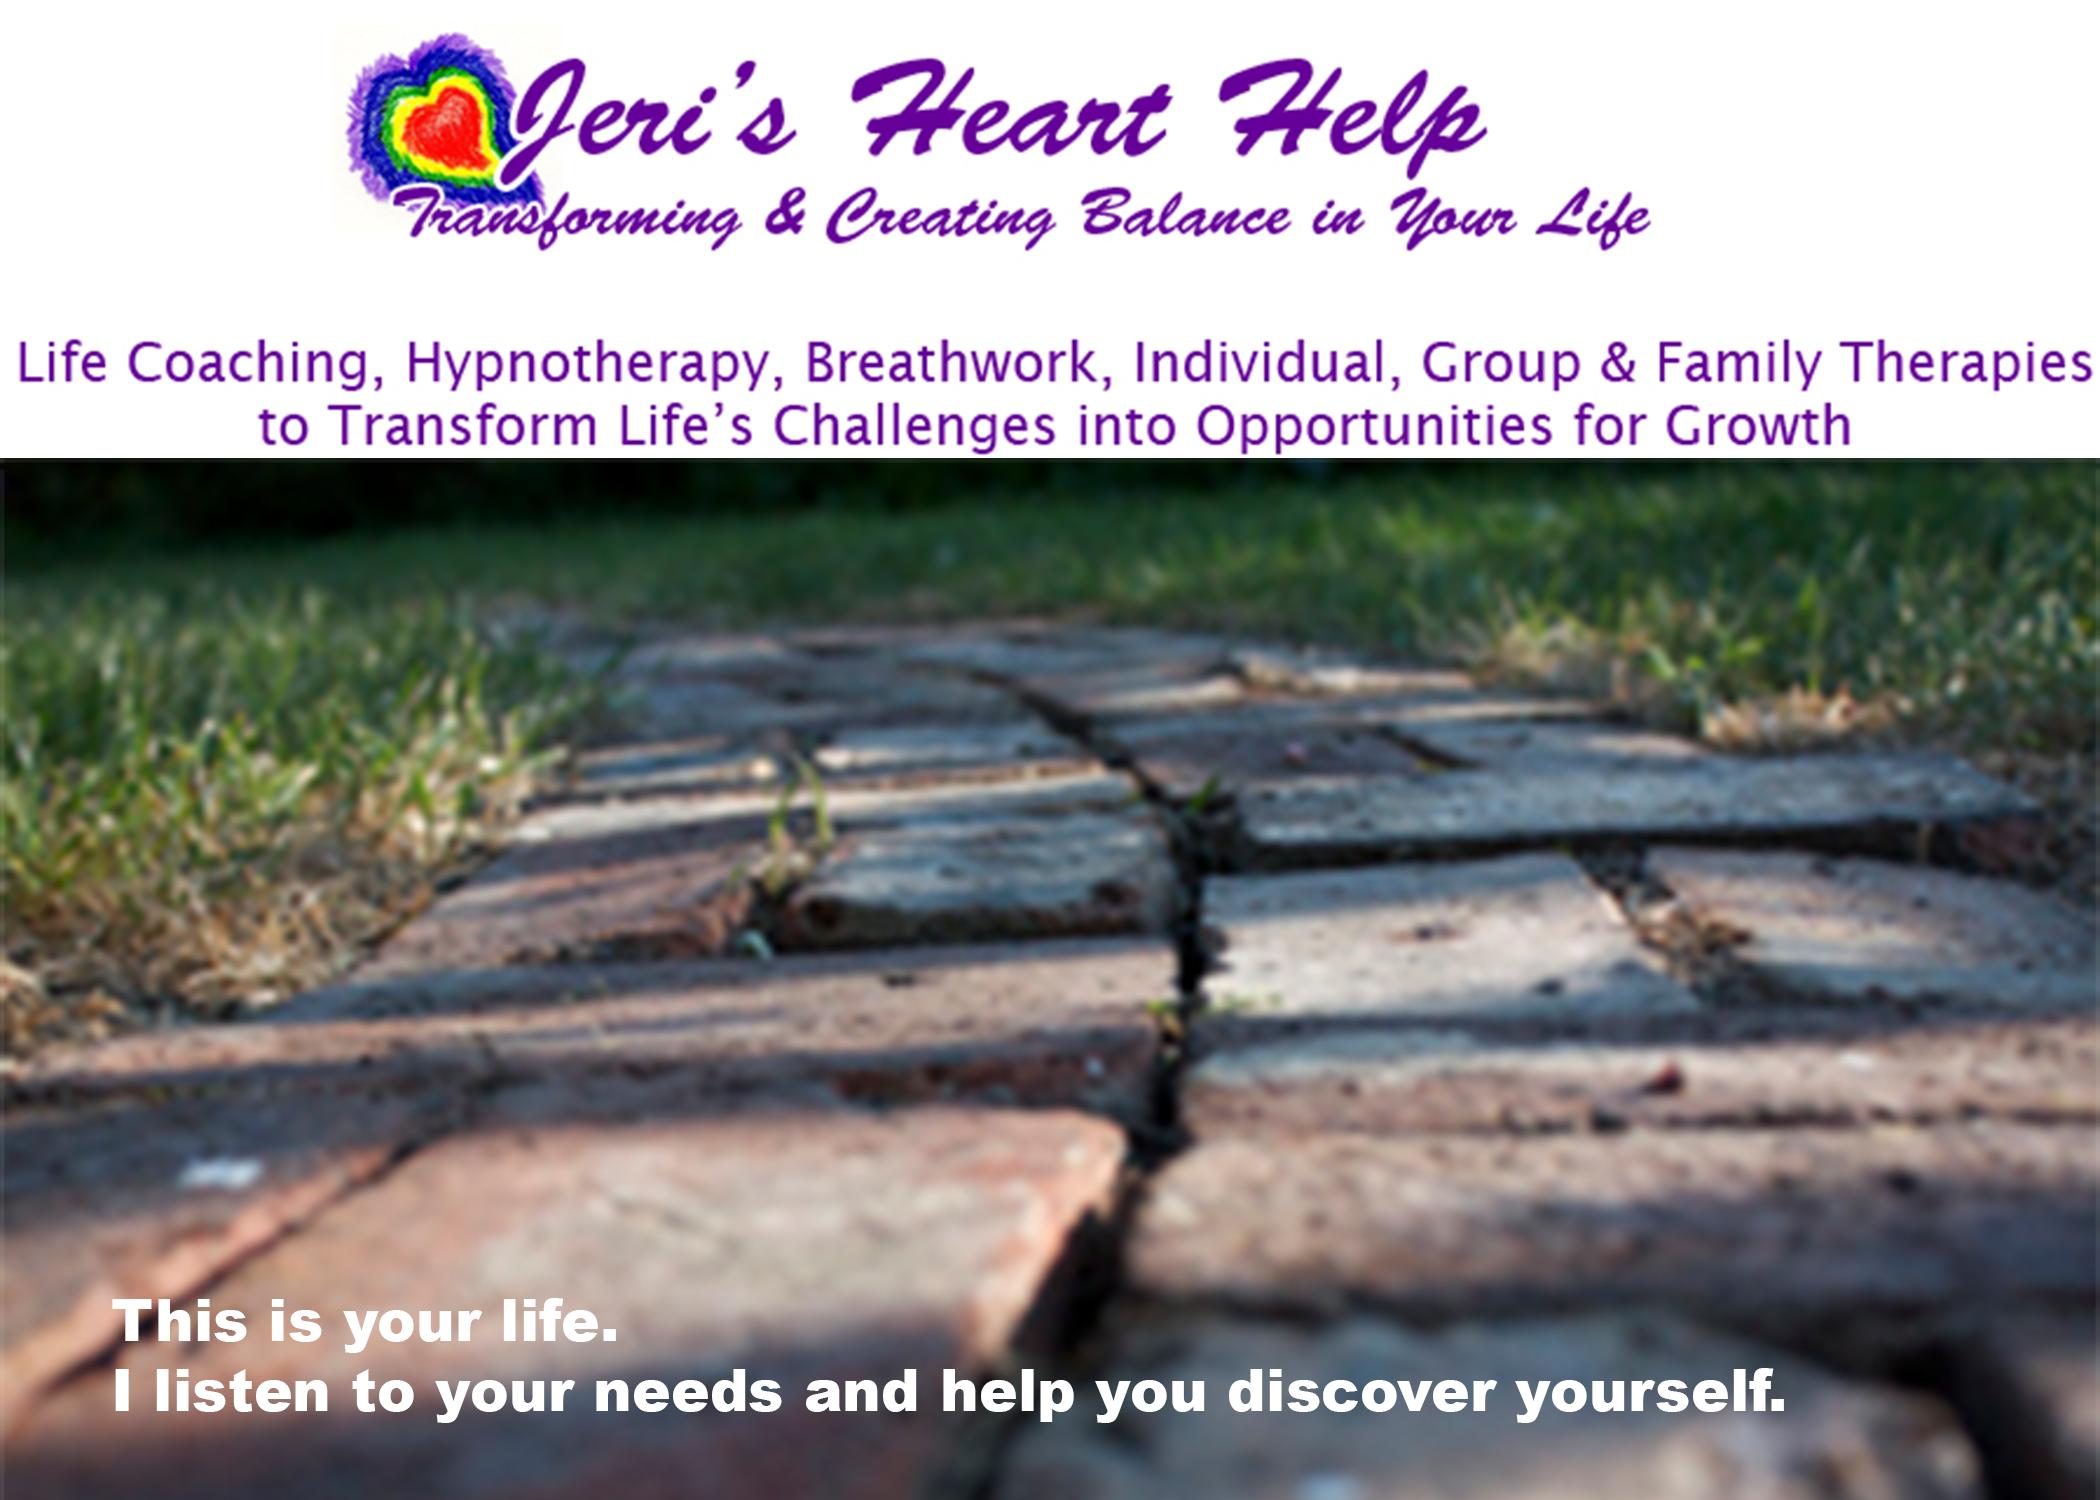 Jeri's Heart Help